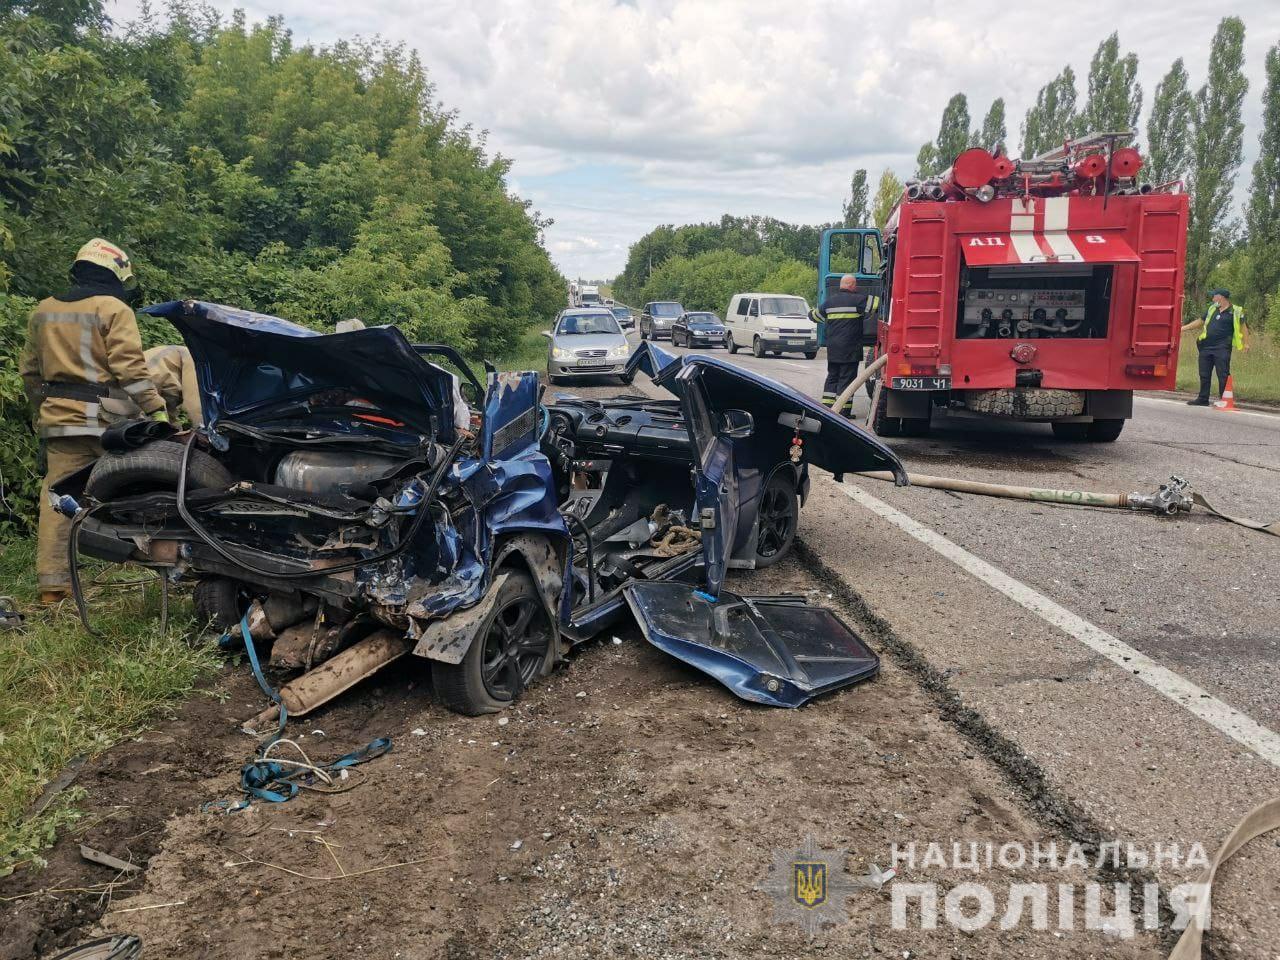 Полиция выясняет обстоятельства аварии в Индустриальном районе Харькова (ФОТО)